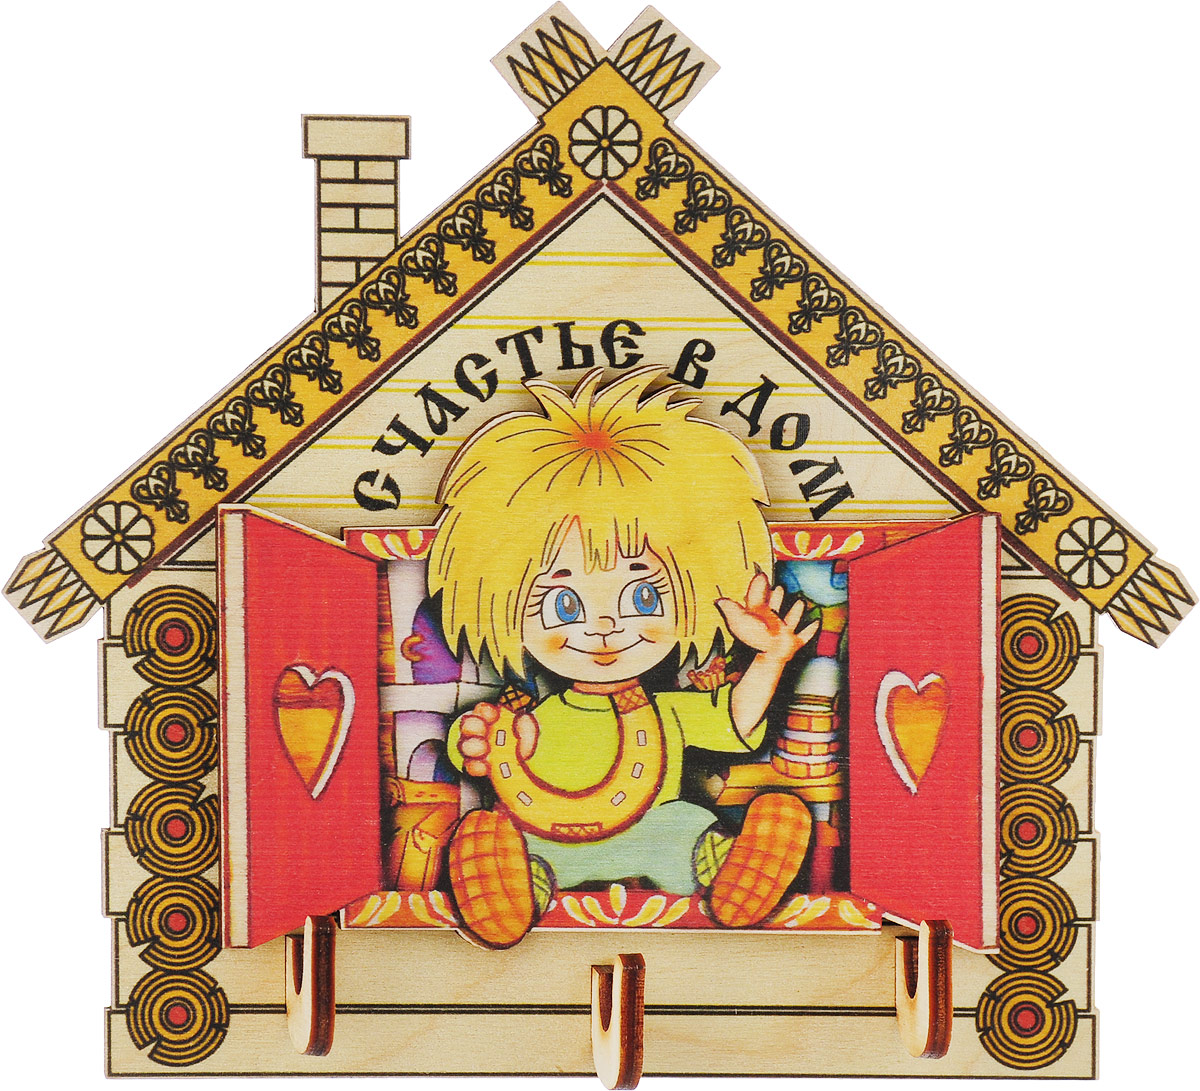 Ключница Артель Счастье в дом830950Сувениры из дерева — хороший презент для родных и близких. Вы можете сделать такой подарок по любому поводу и даже без него. Природная теплота дерева передаст с собой теплоту вашего сердца и выразит самые добрые намерения. Ключница Деньги в дом не только добавит уют интерьеру, но и станет оберегом для домашнего очага. Дом с таким хранителем надёжно защищён от неудач и напастей.